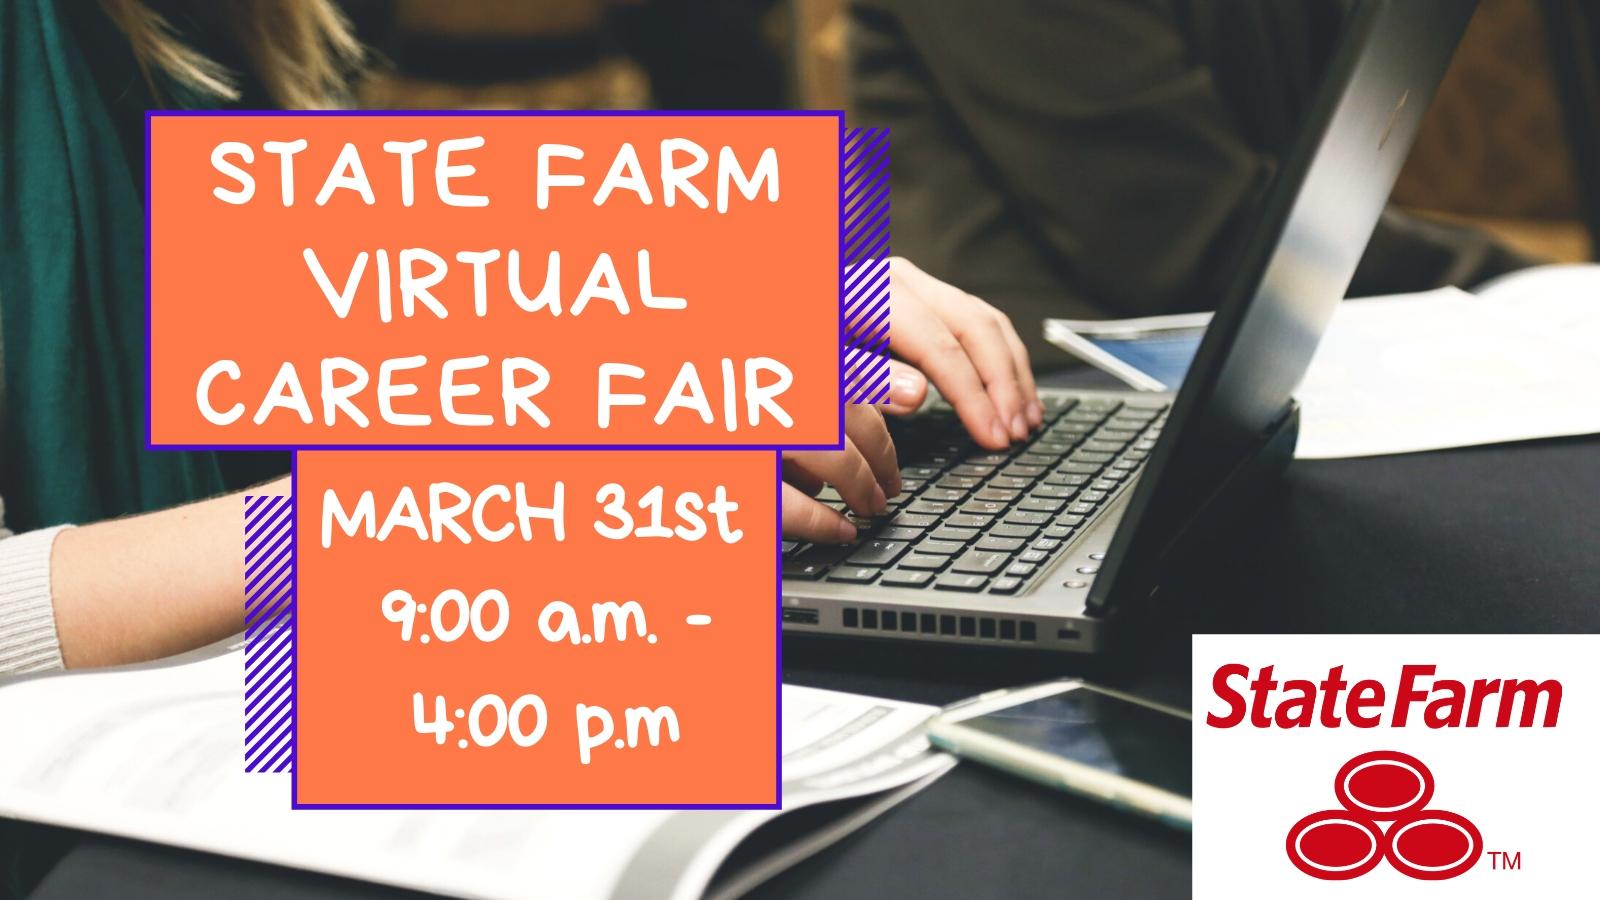 State Farm Virtual Career Fair